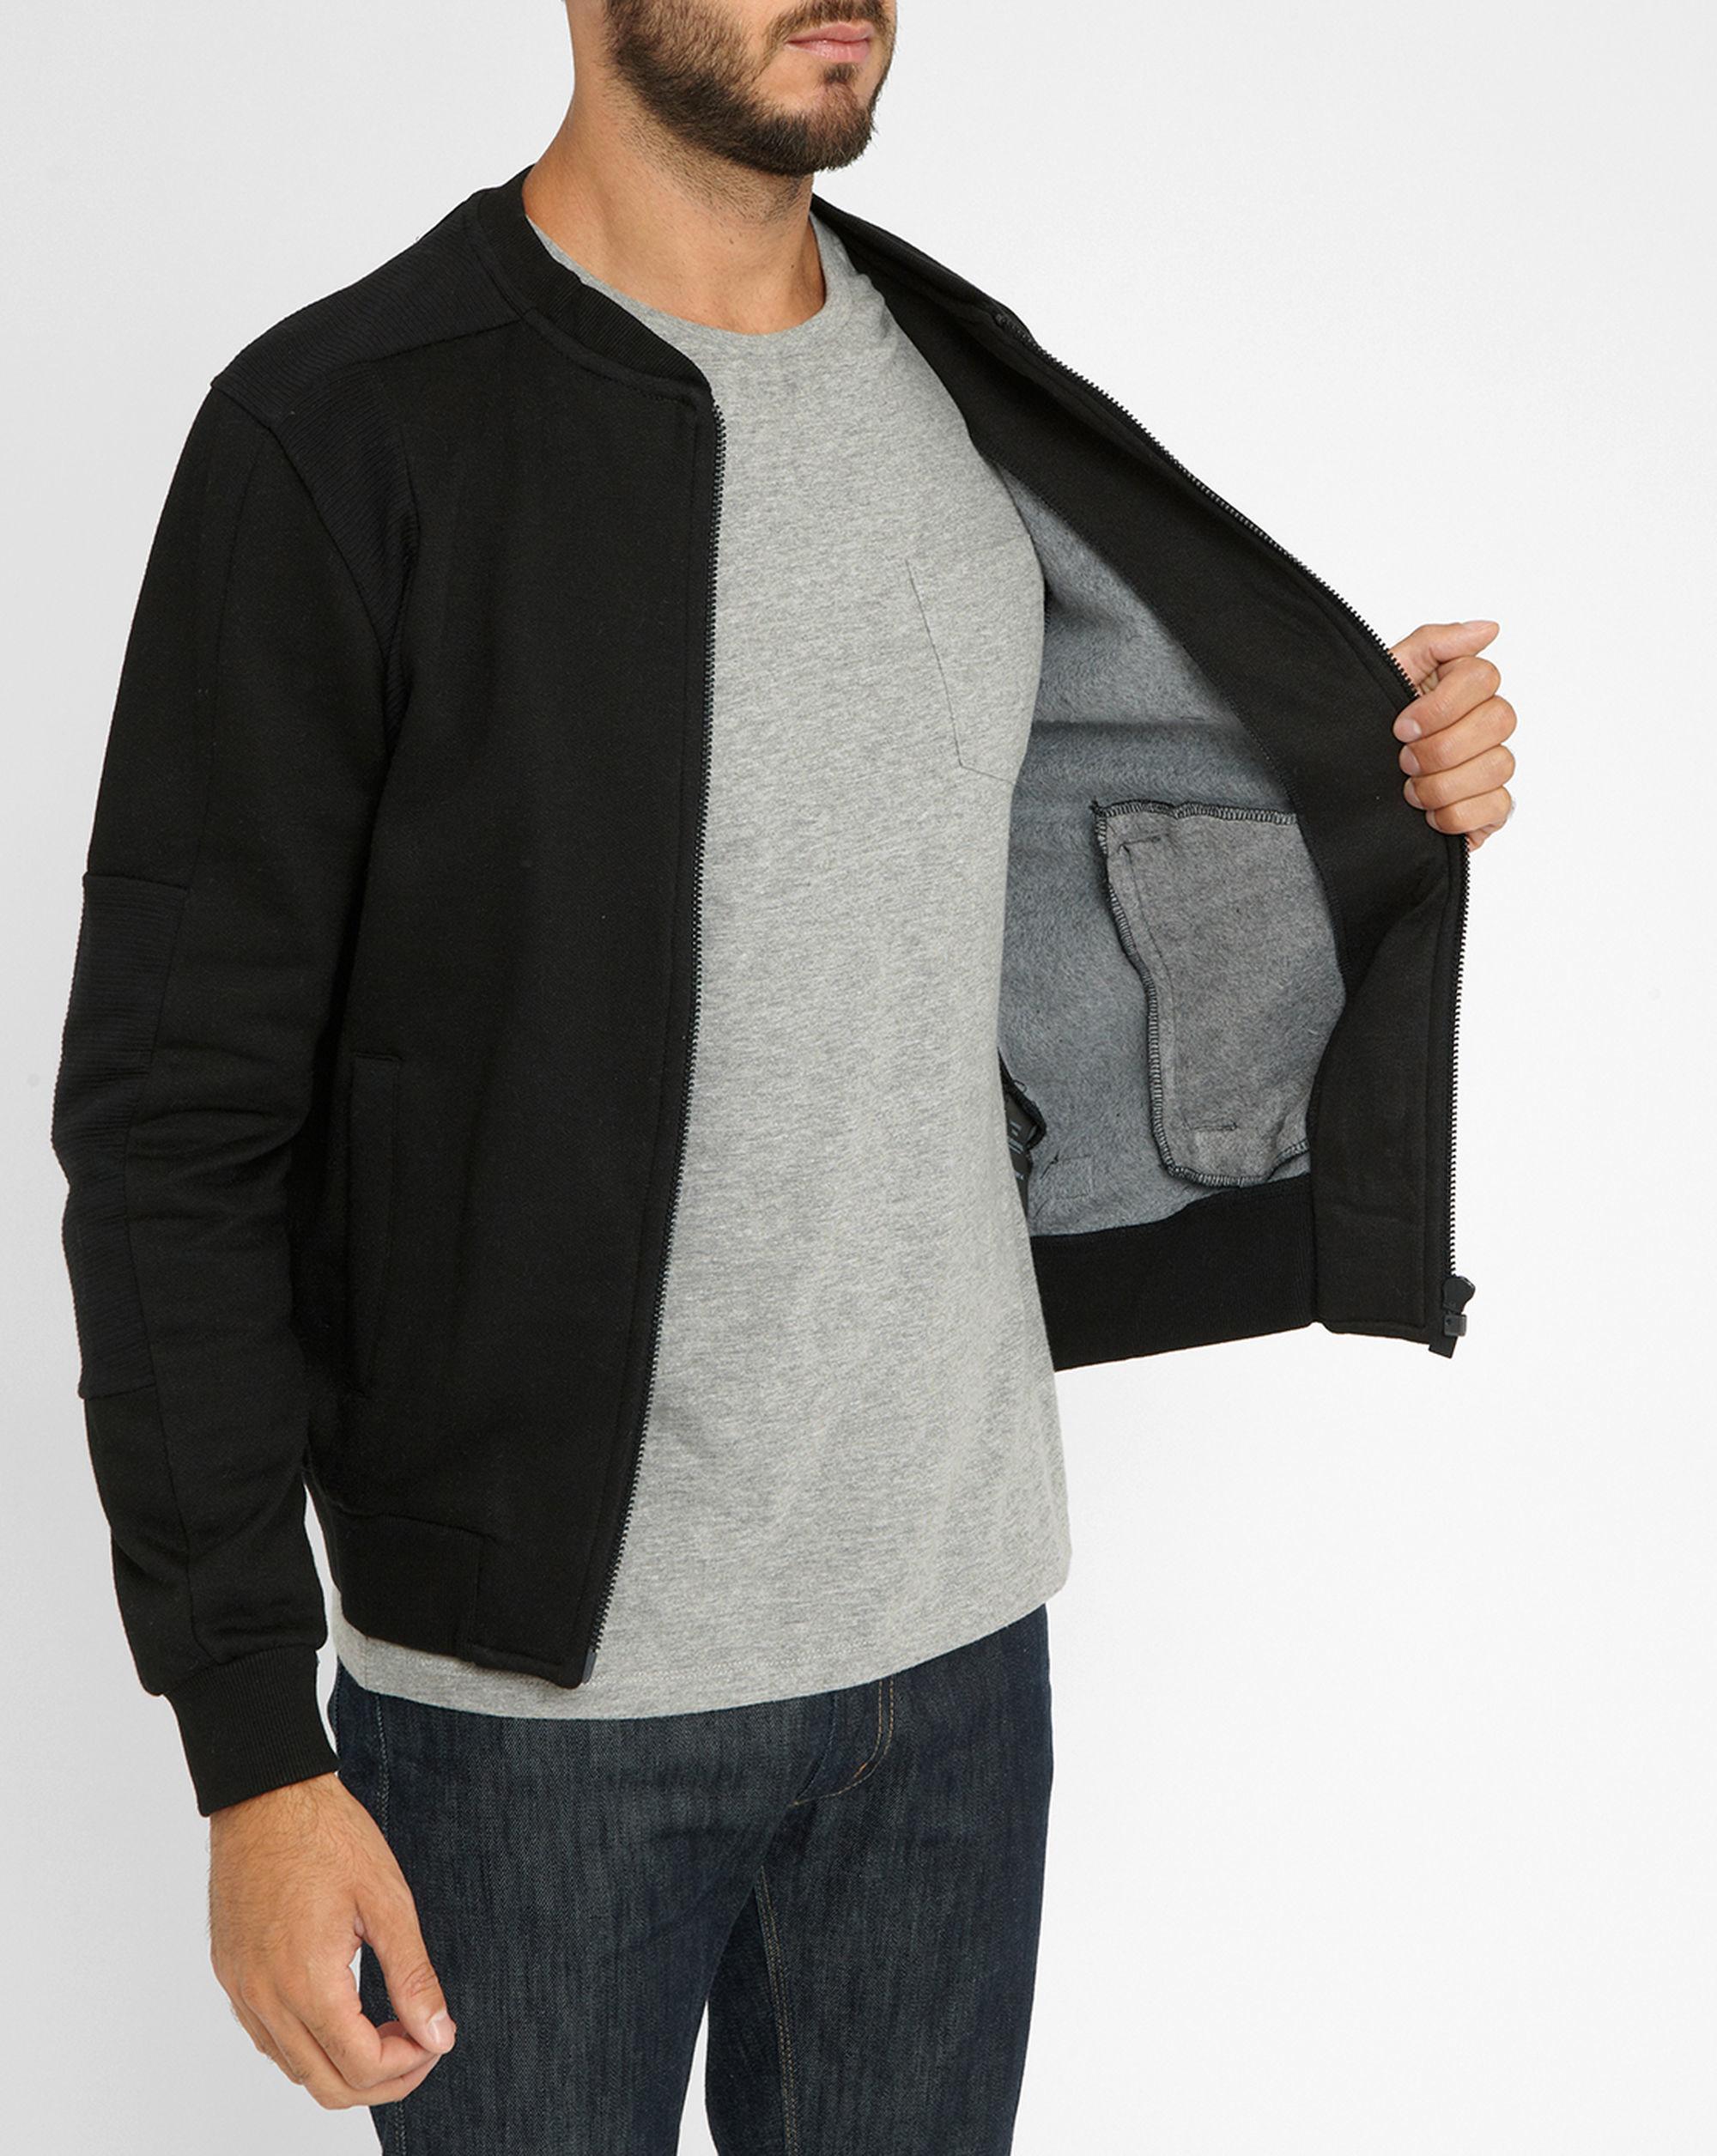 eleven paris black mily shoulder details zipped sweatshirt in black for men lyst. Black Bedroom Furniture Sets. Home Design Ideas